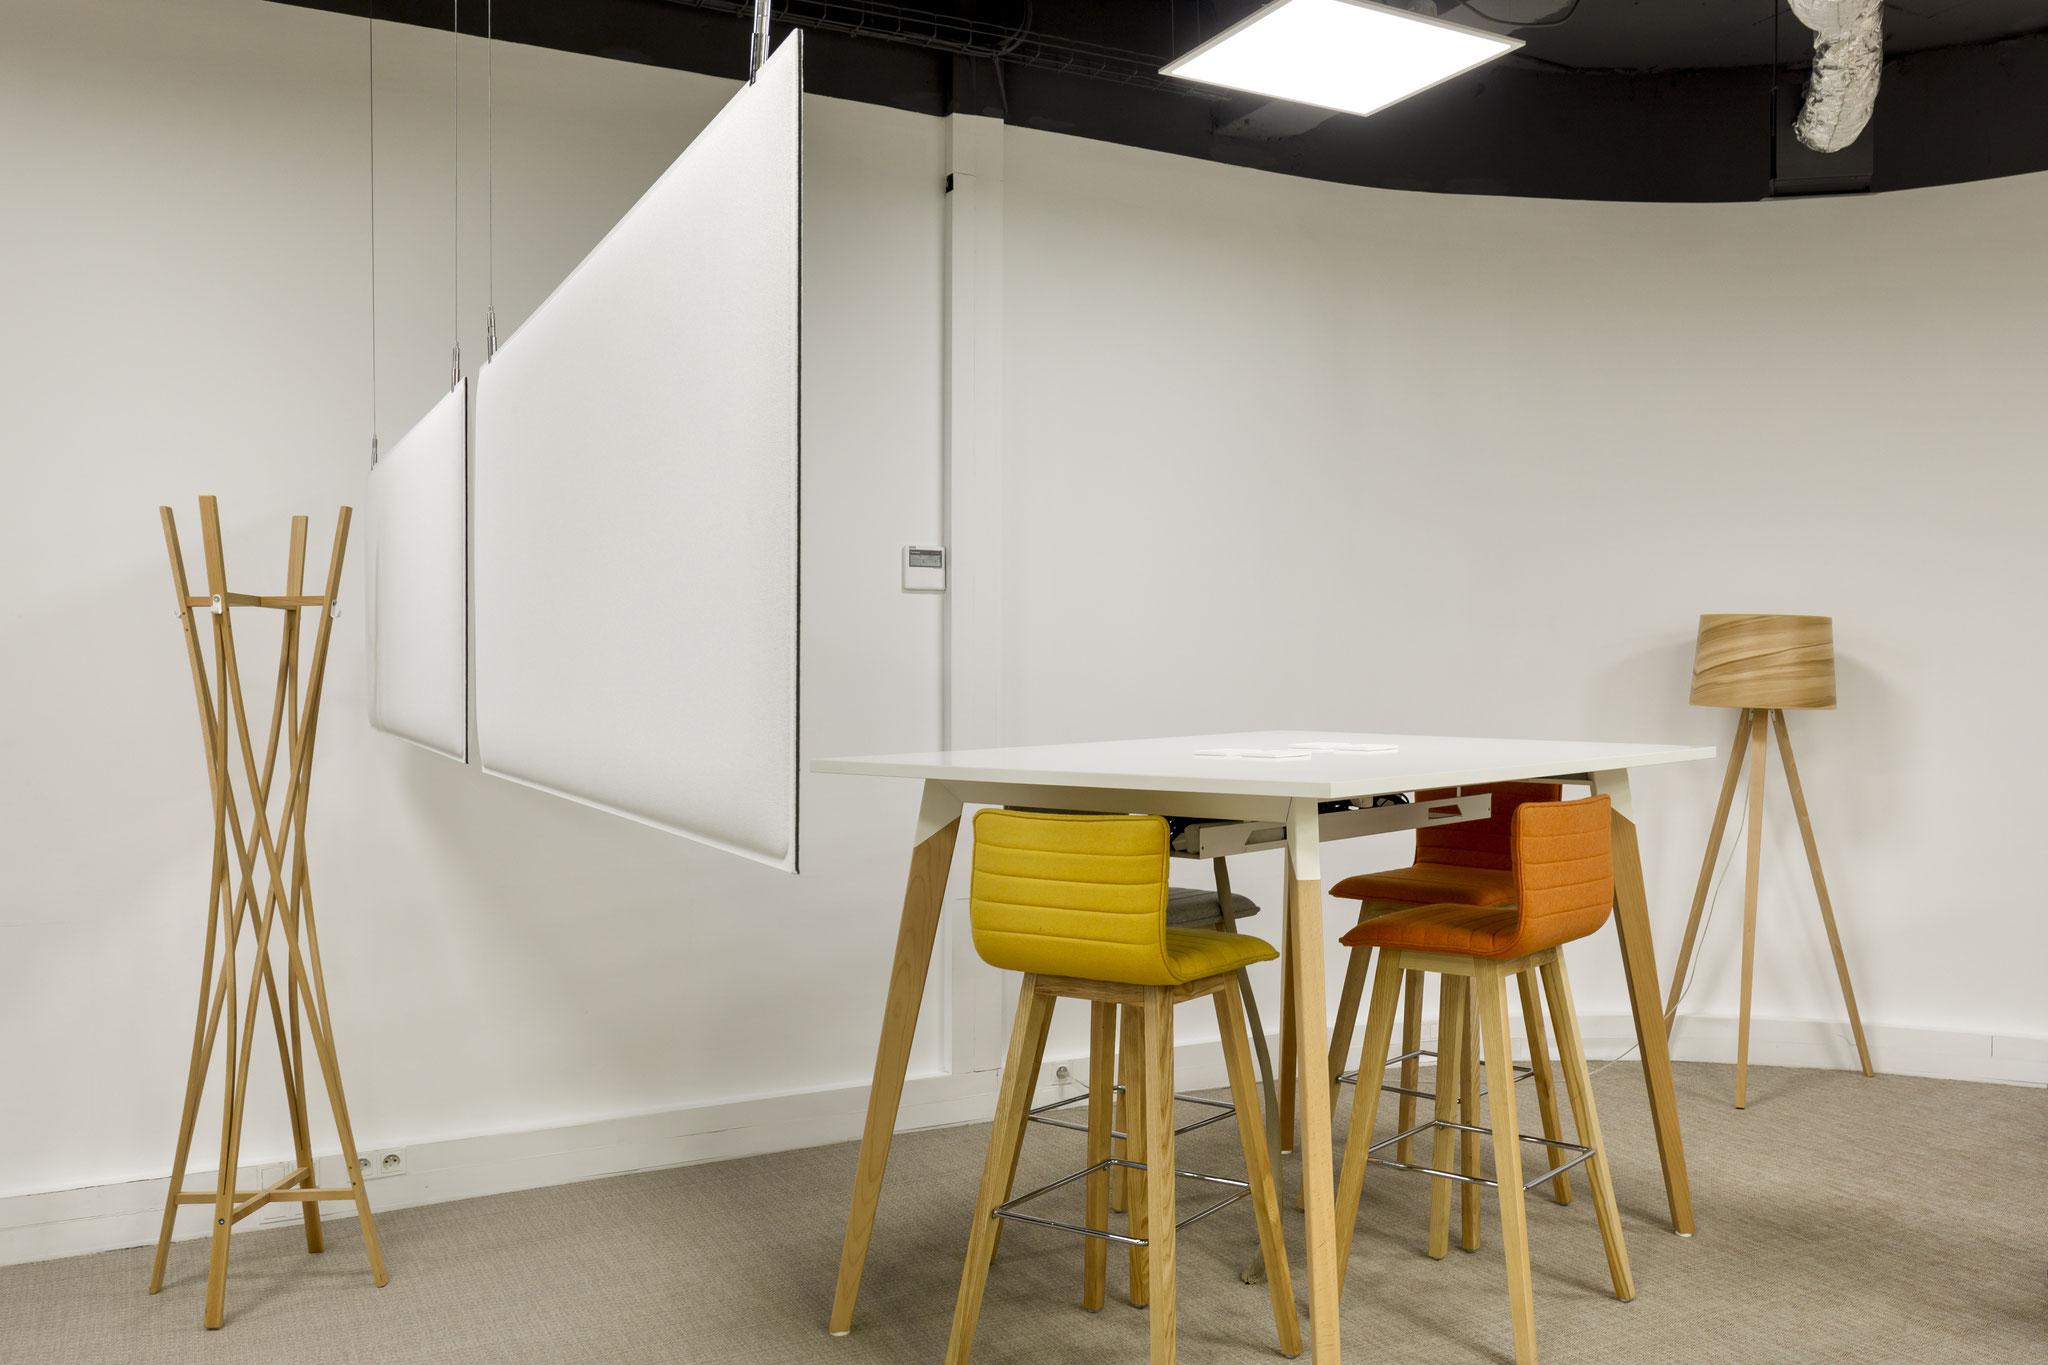 les panneaux absorbant acoustique pour intimider les espaces de réunions dans un open-space